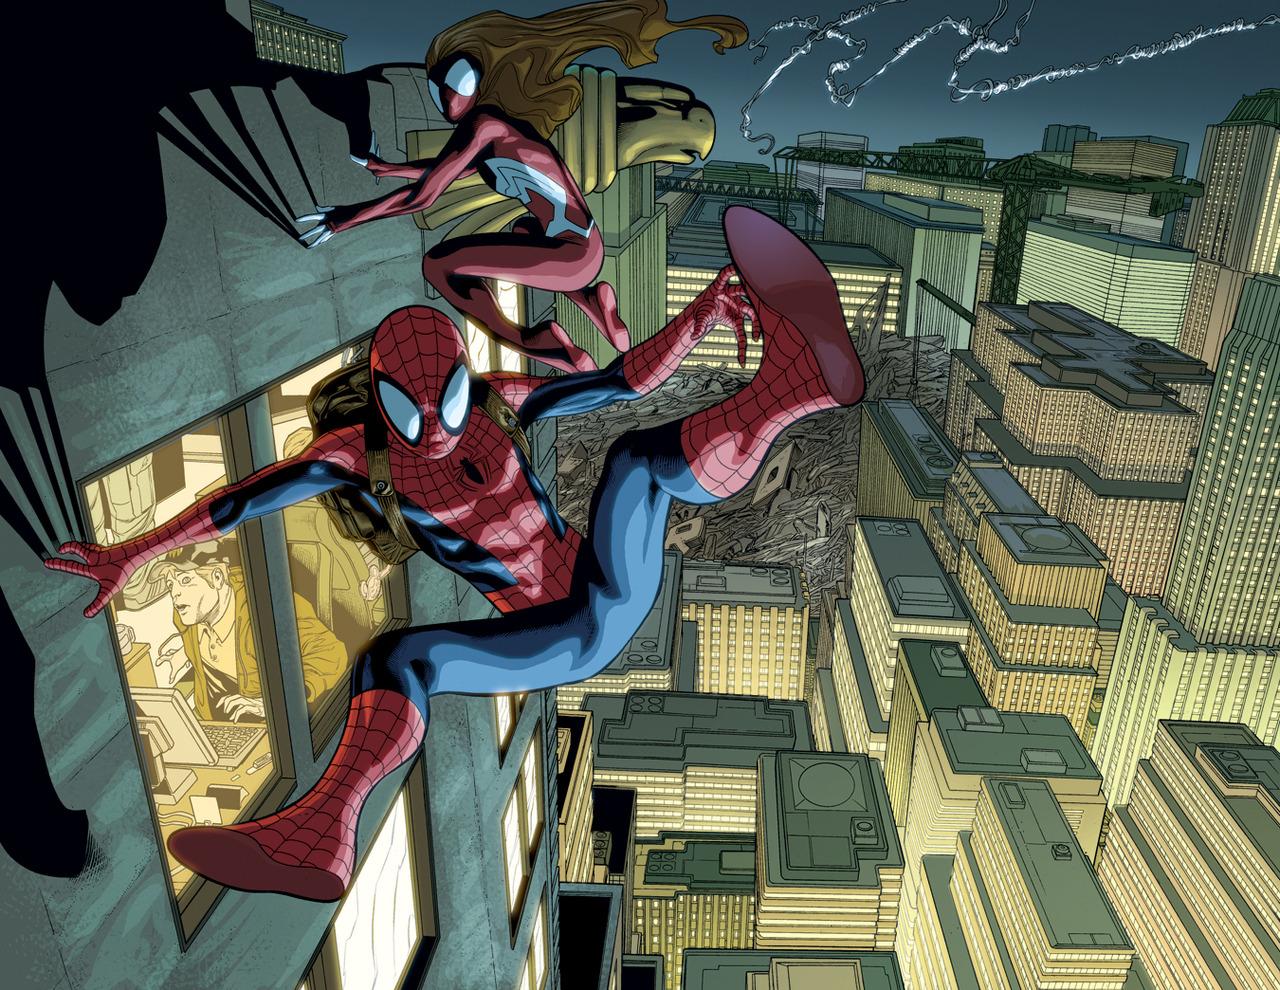 spider women spider-woman  spider-manUltimate Spiderman And Spiderwoman